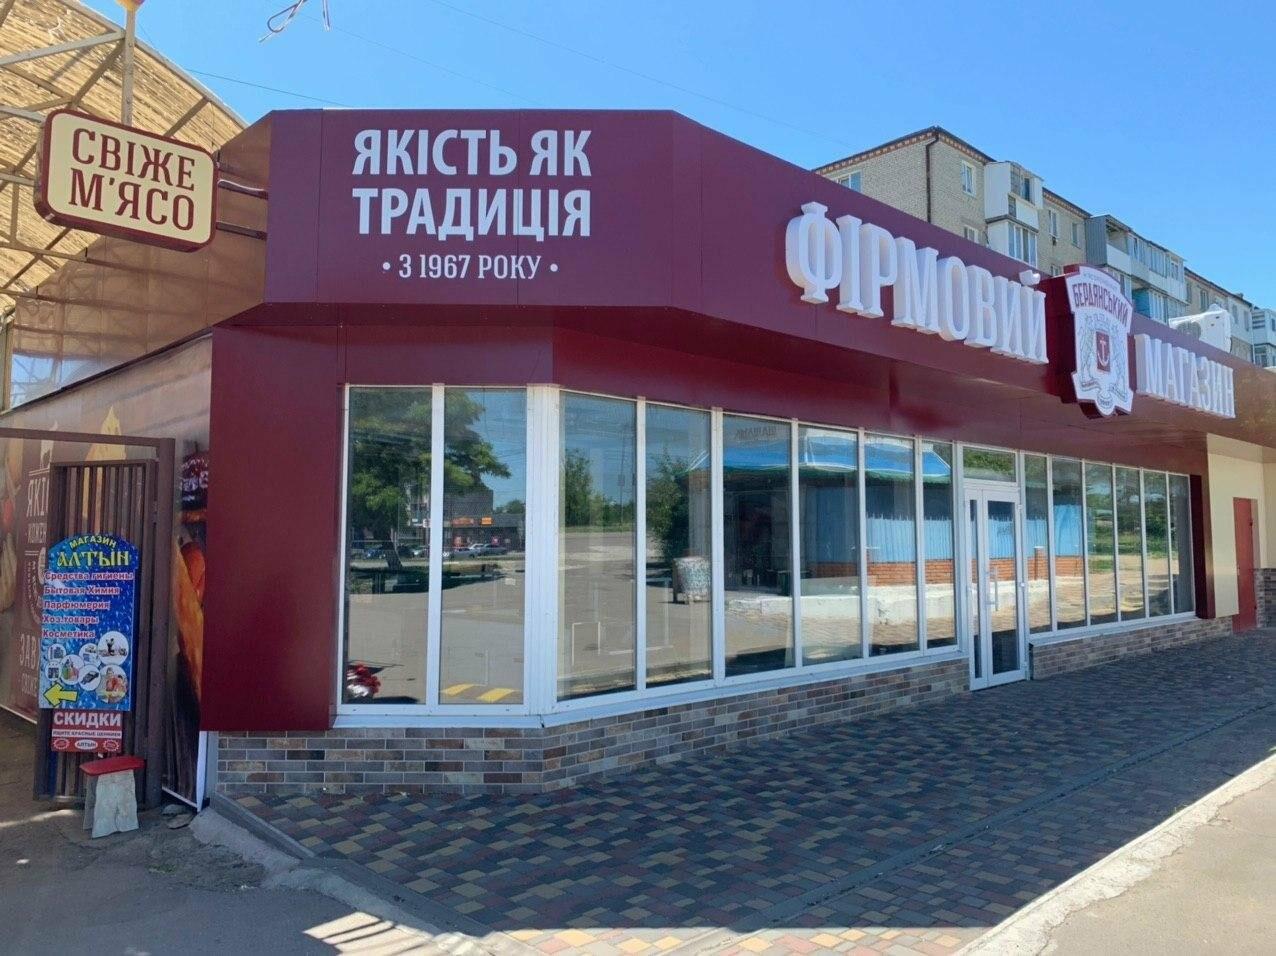 В Бердянске на АКЗ пройдет открытие большого фирменного магазина бердянского мясокомбината, фото-8